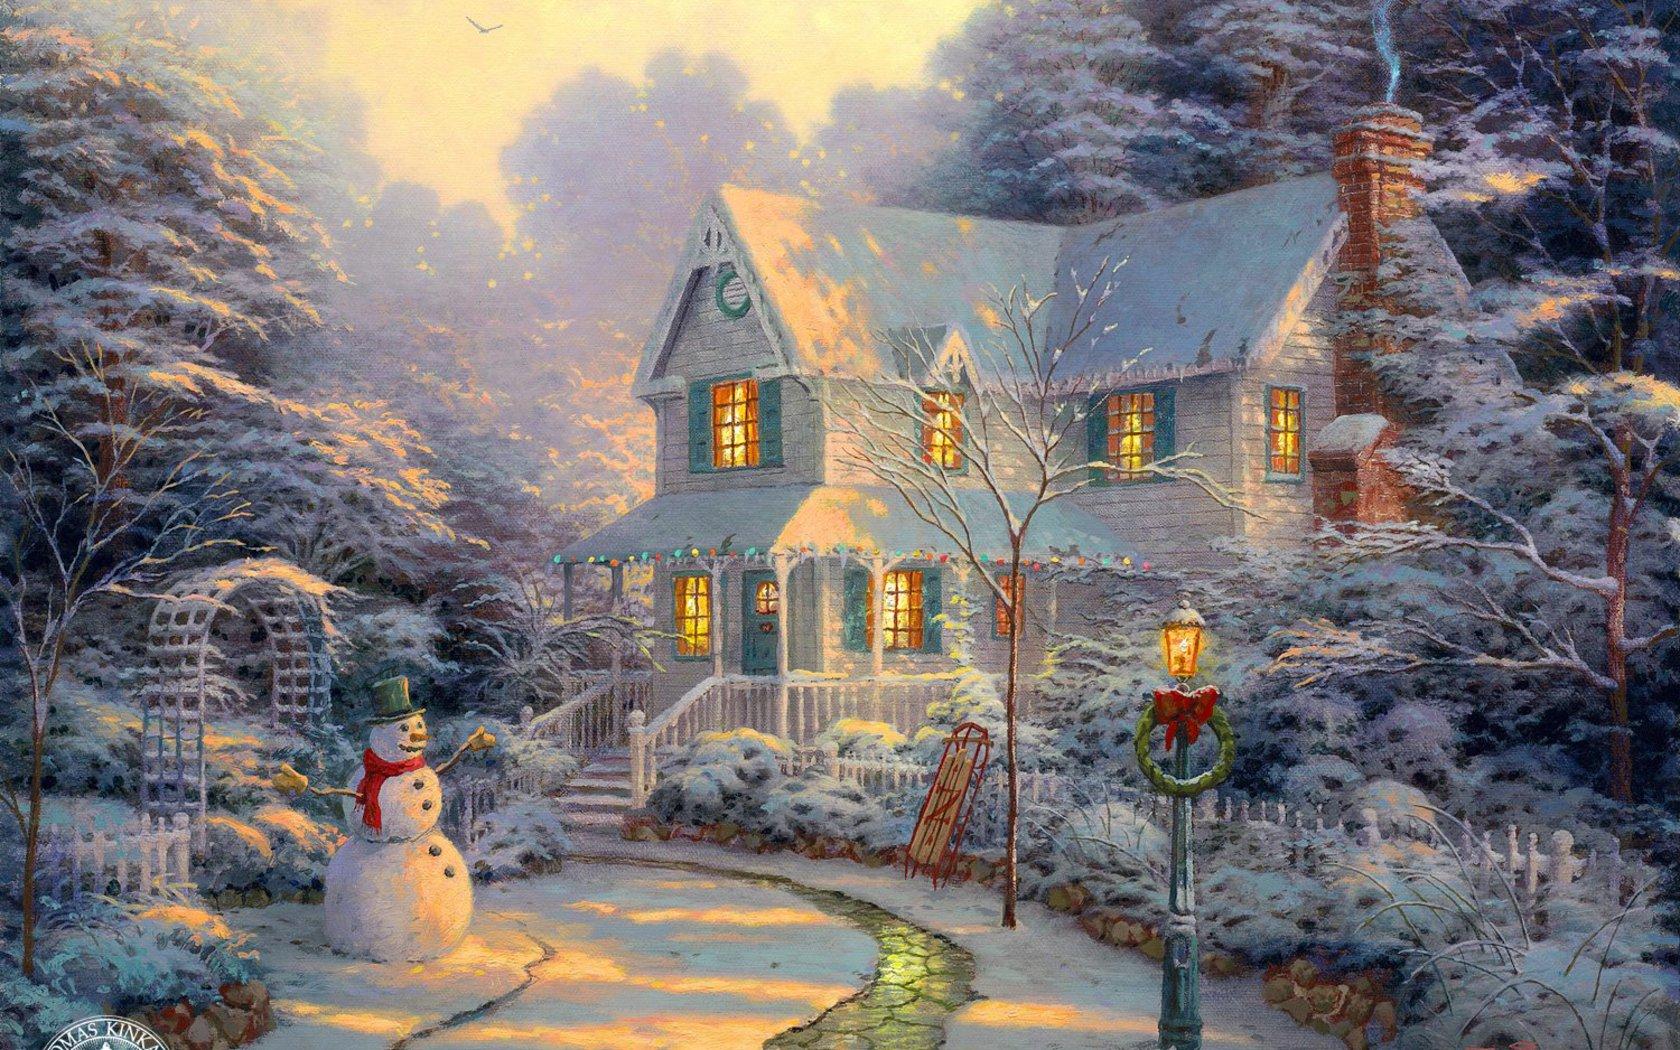 Dibujo de una casa en medio de la nieve - 1680x1050